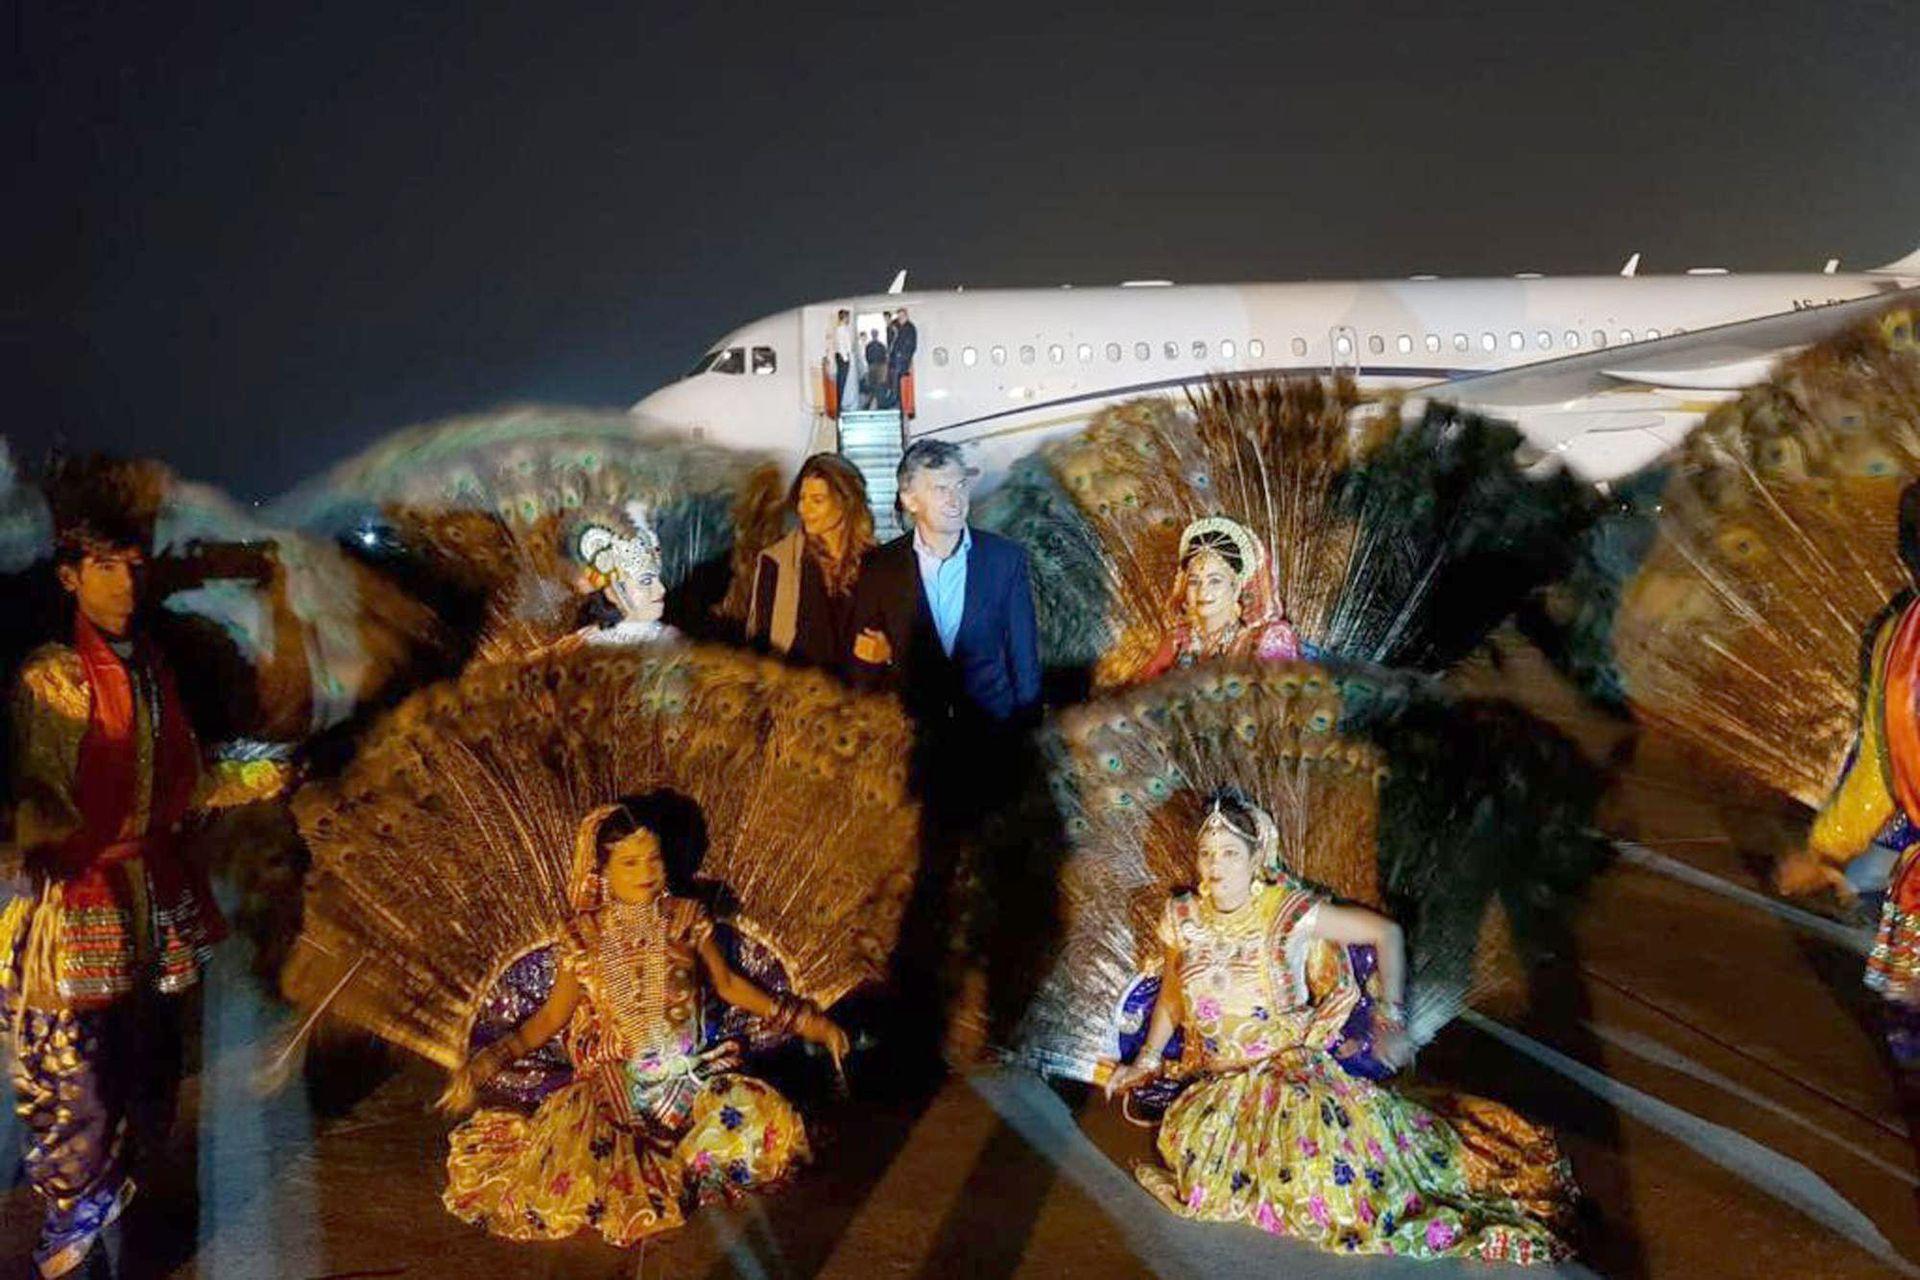 Macri y Awada al llegar a la India, su primera parada no fue en la Capital, Delhi, si no en Agra, donde se encuentra el Taj Mahal